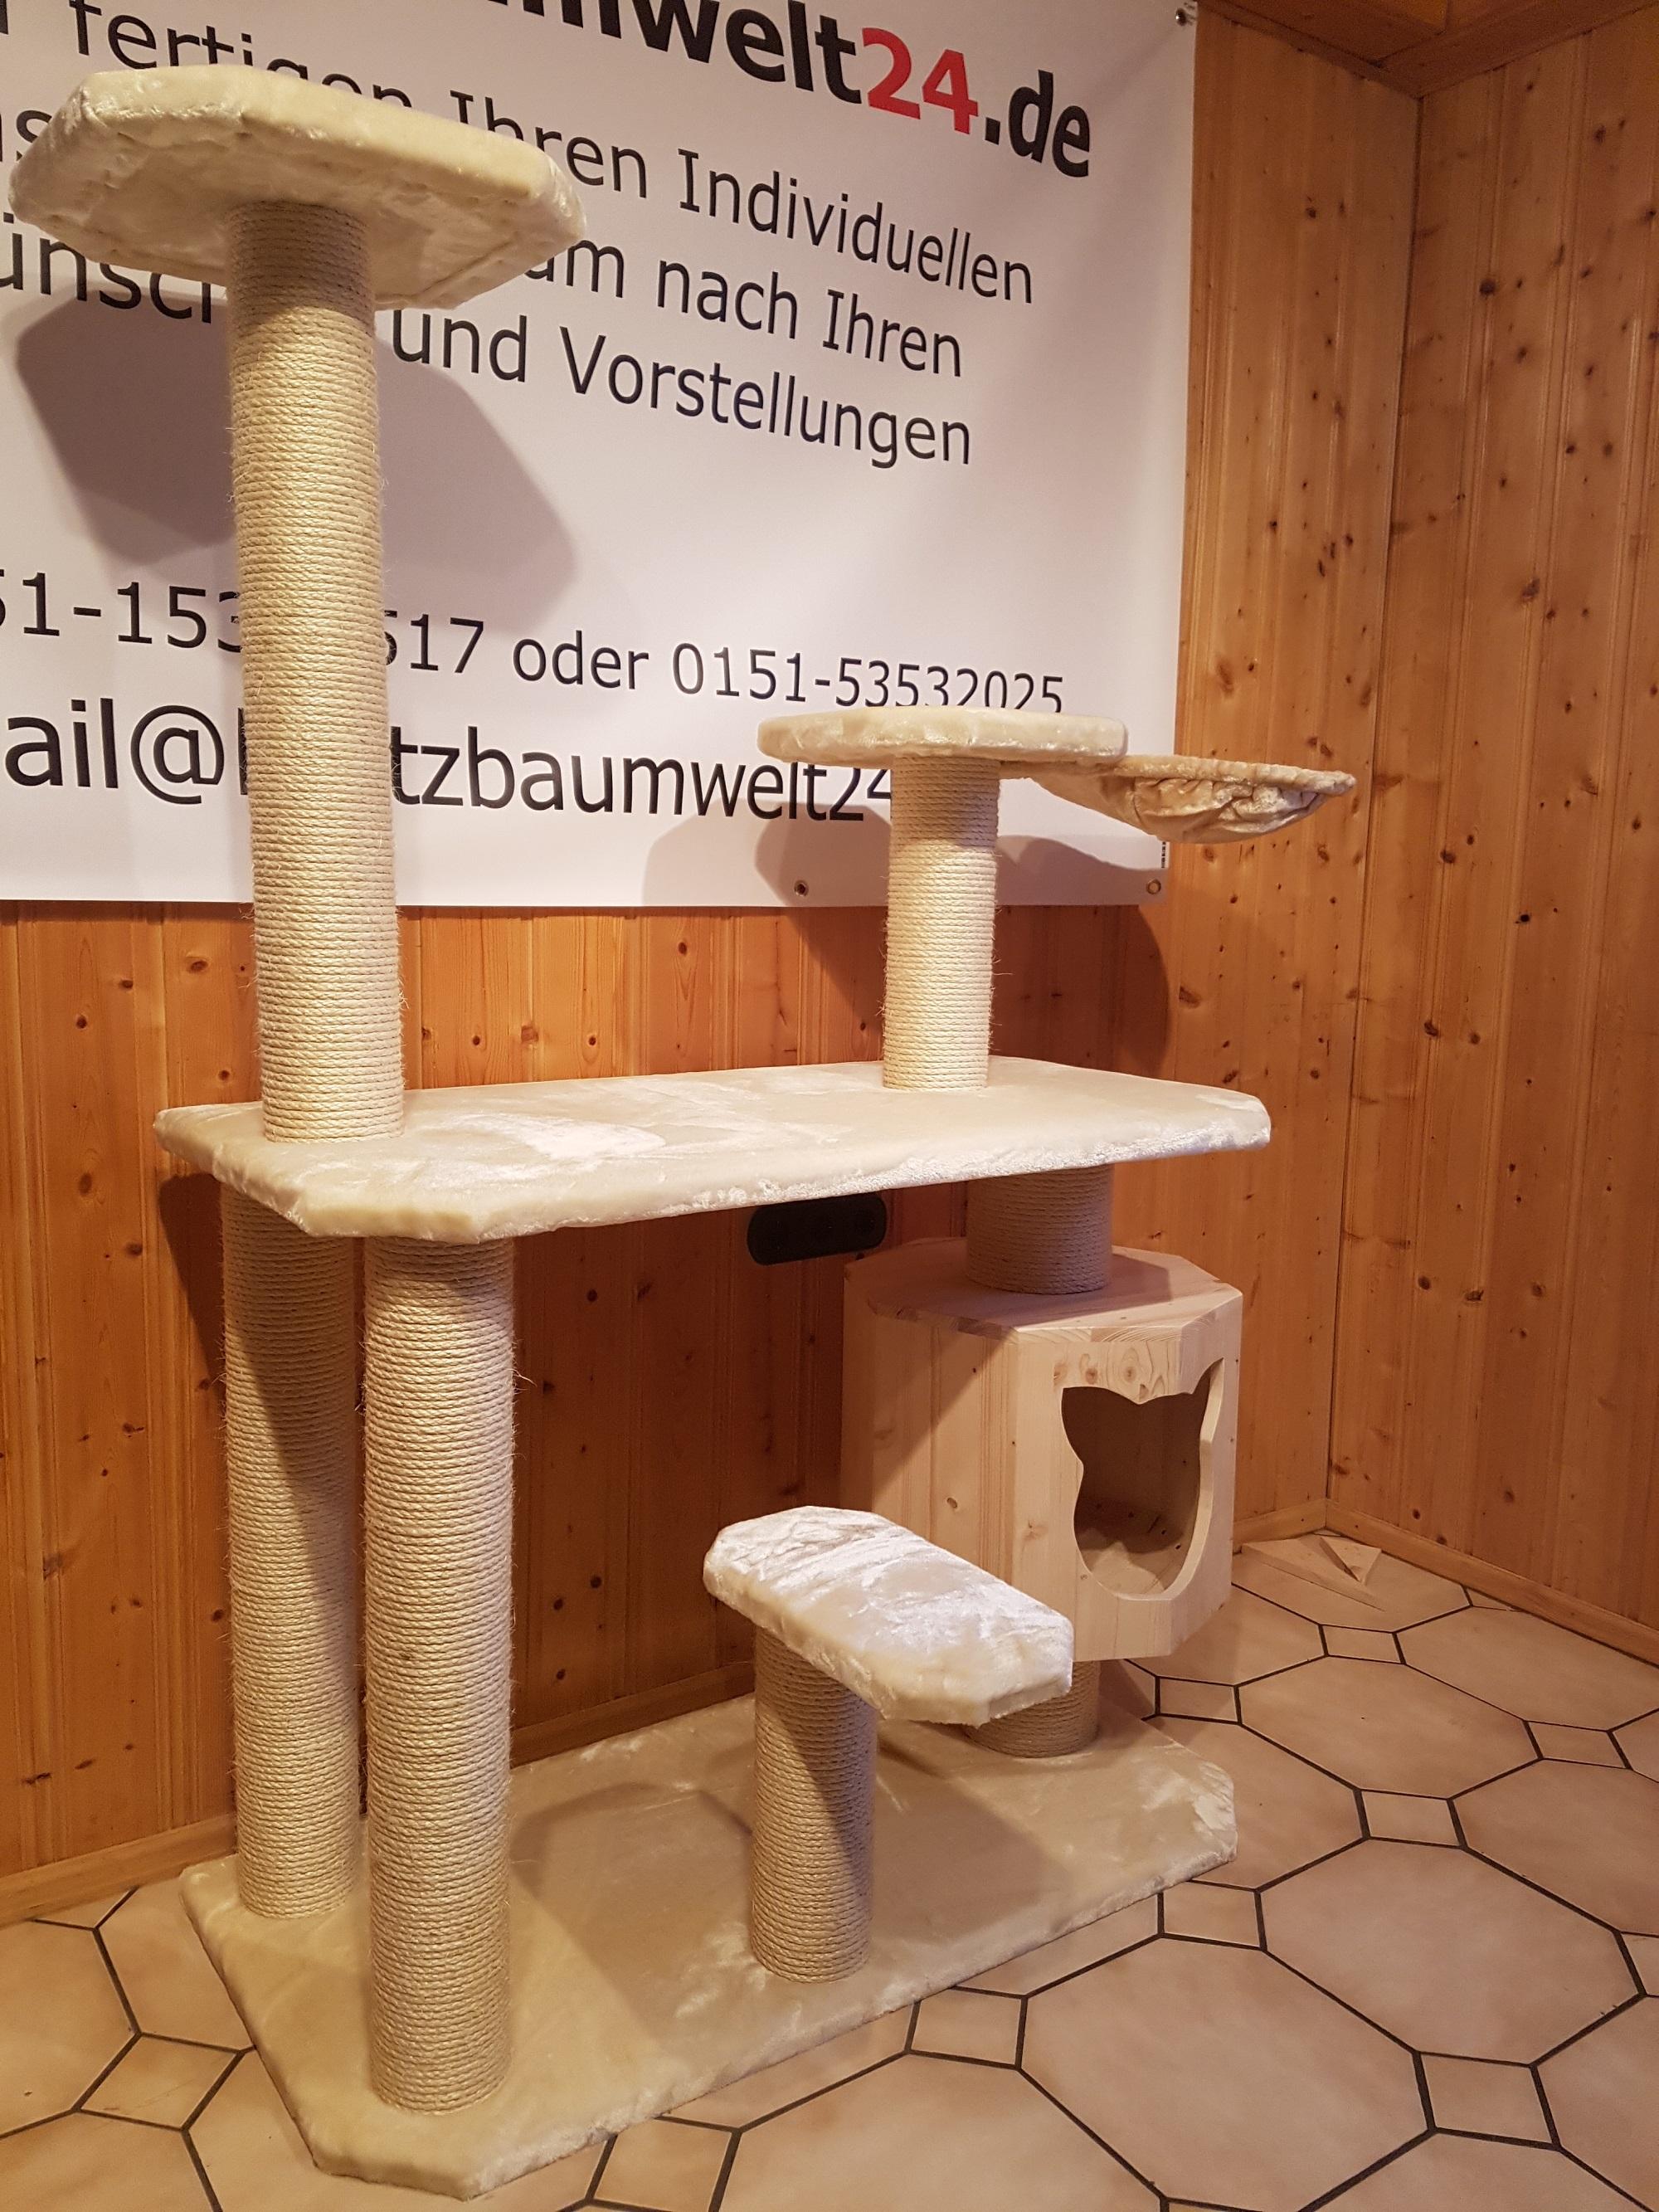 wandkratzbaum h hle f r katzen kratzbaum zu kaufen gesucht stabiler katzenbaum. Black Bedroom Furniture Sets. Home Design Ideas